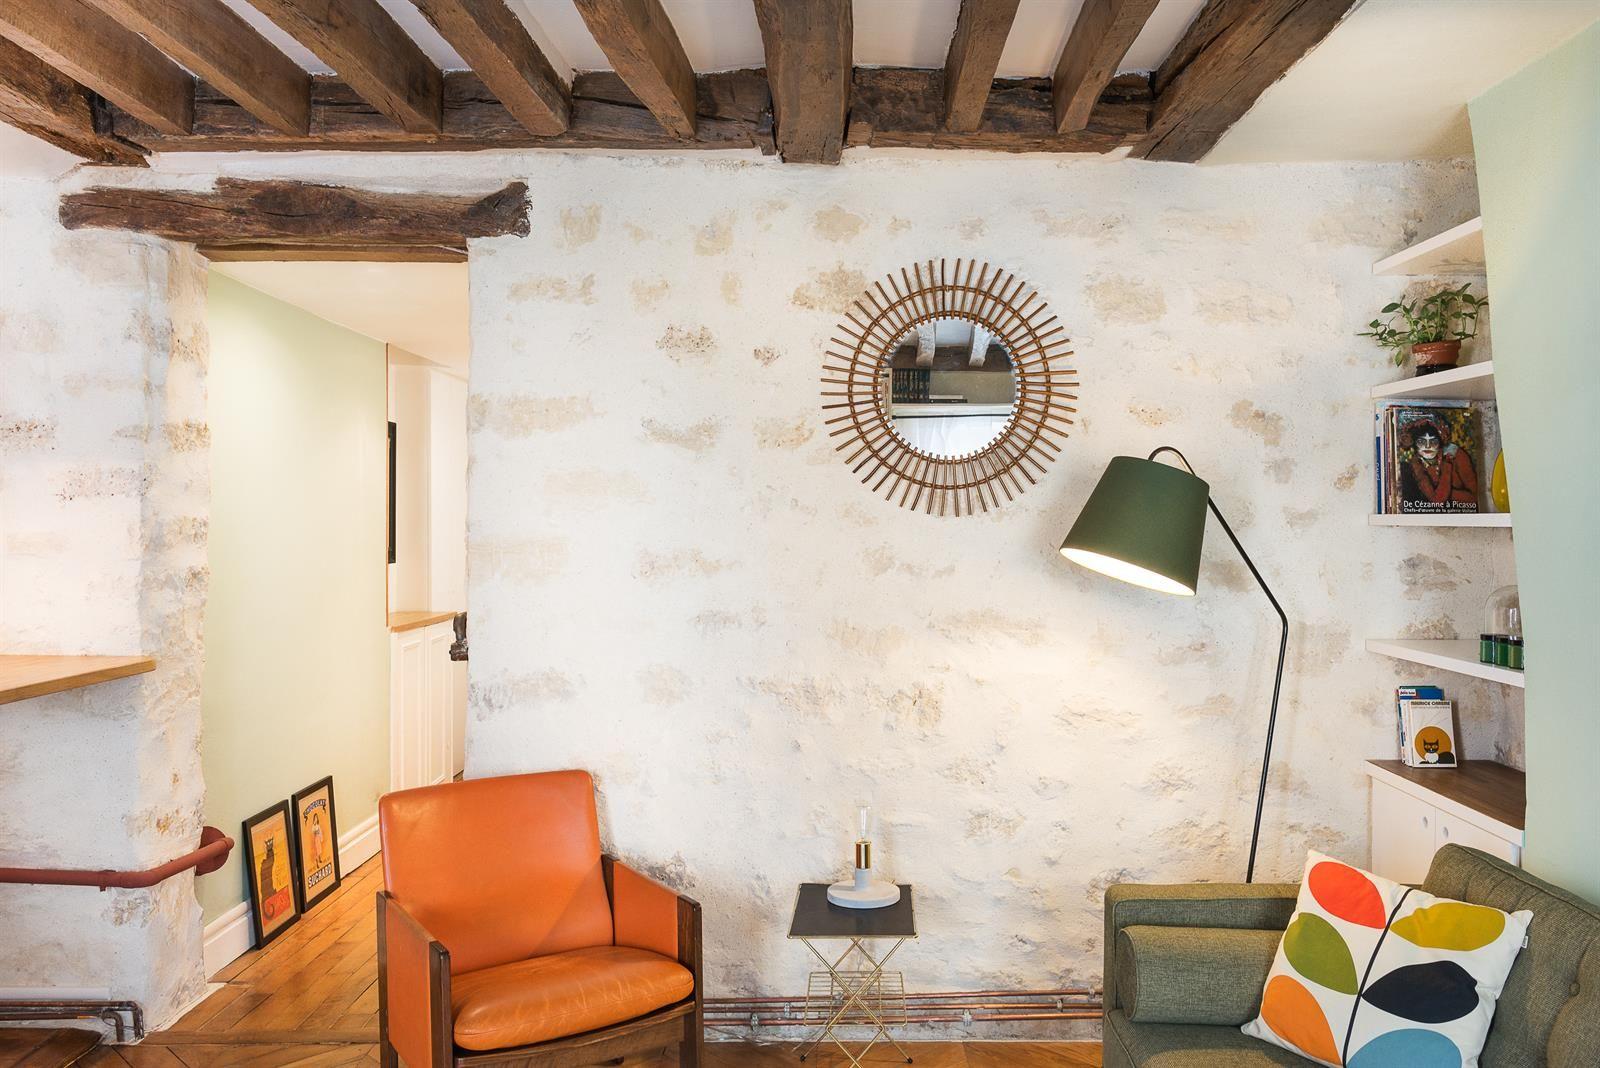 Salon avec poutres et murs anciens apparents | STYLE VINTAGE ...